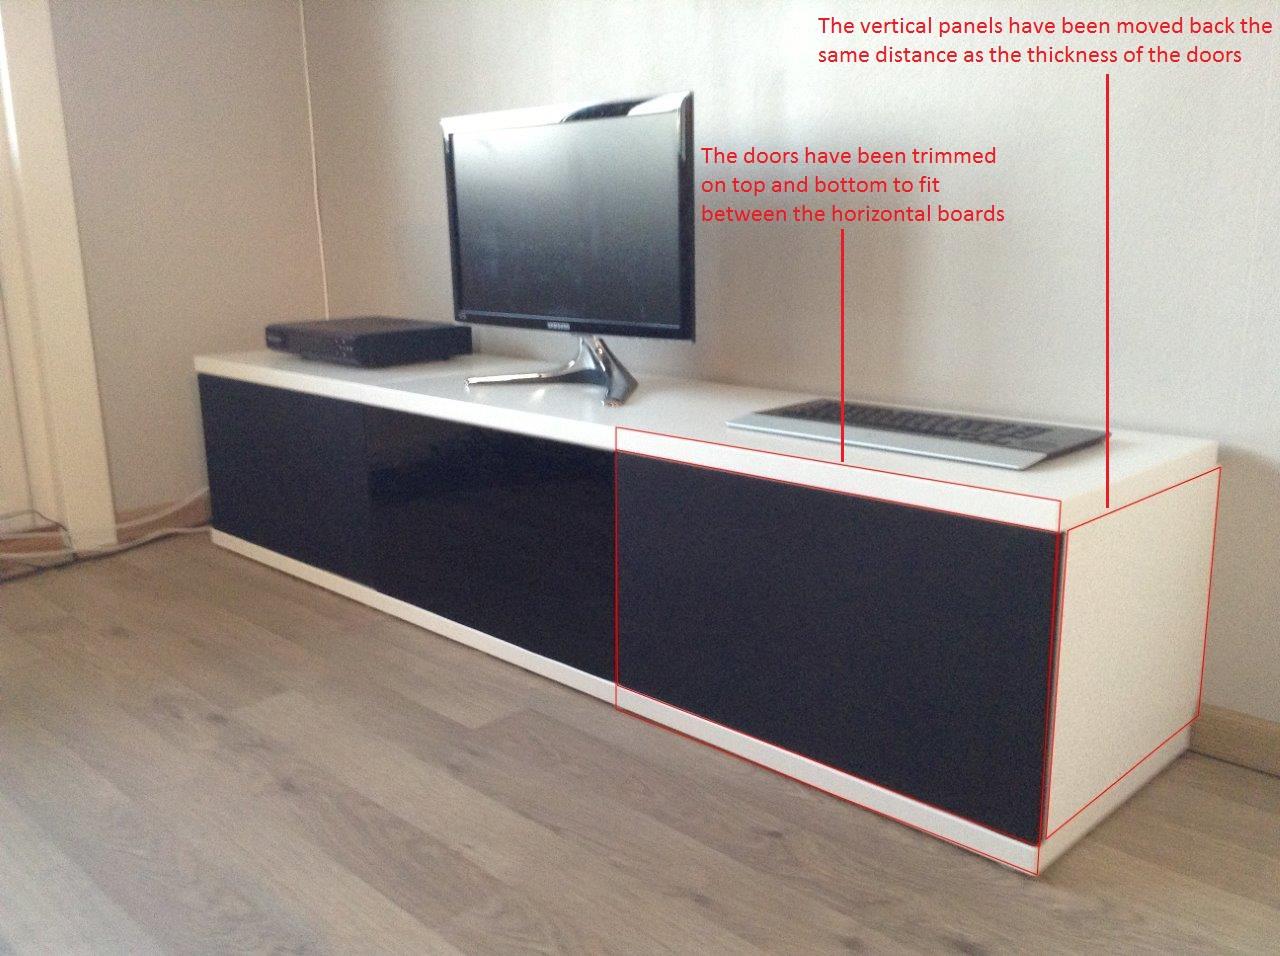 Unnu inspired media bench - Unnu Inspired Media Bench - IKEA Hackers - IKEA Hackers